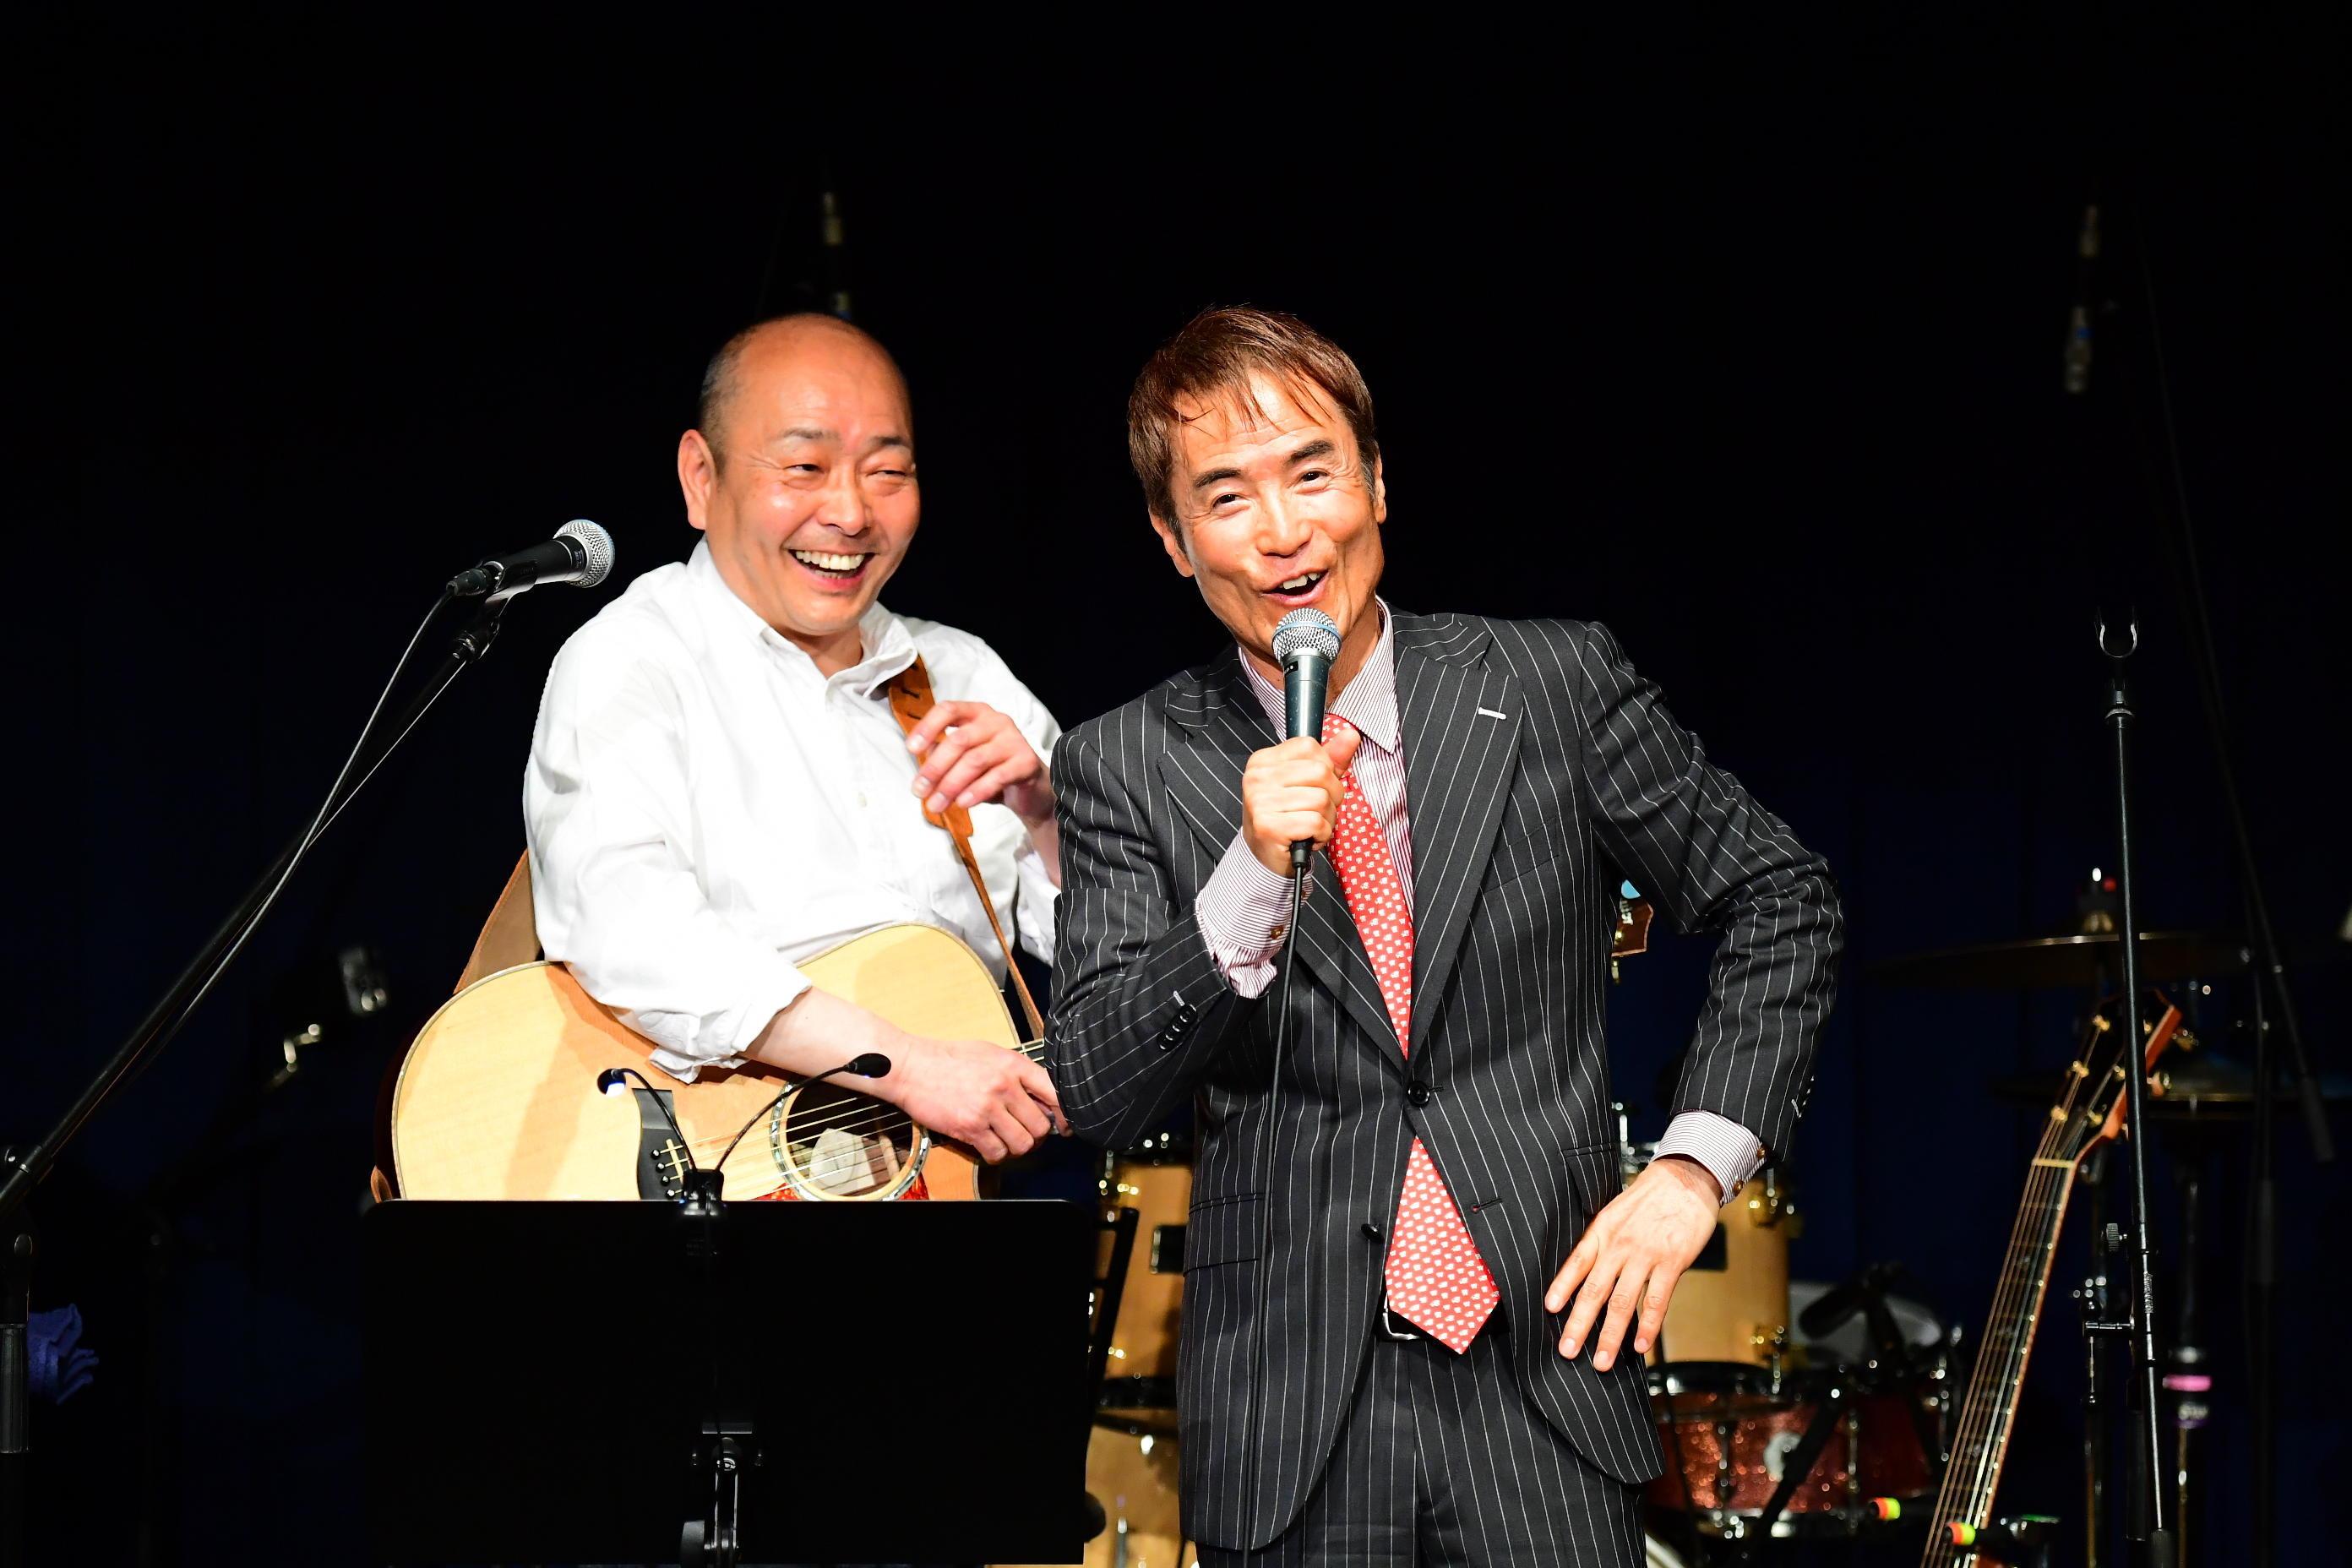 http://news.yoshimoto.co.jp/20170330194948-5ed3c216d5f2a715a748dcbafe919a8f51ab9f11.jpg